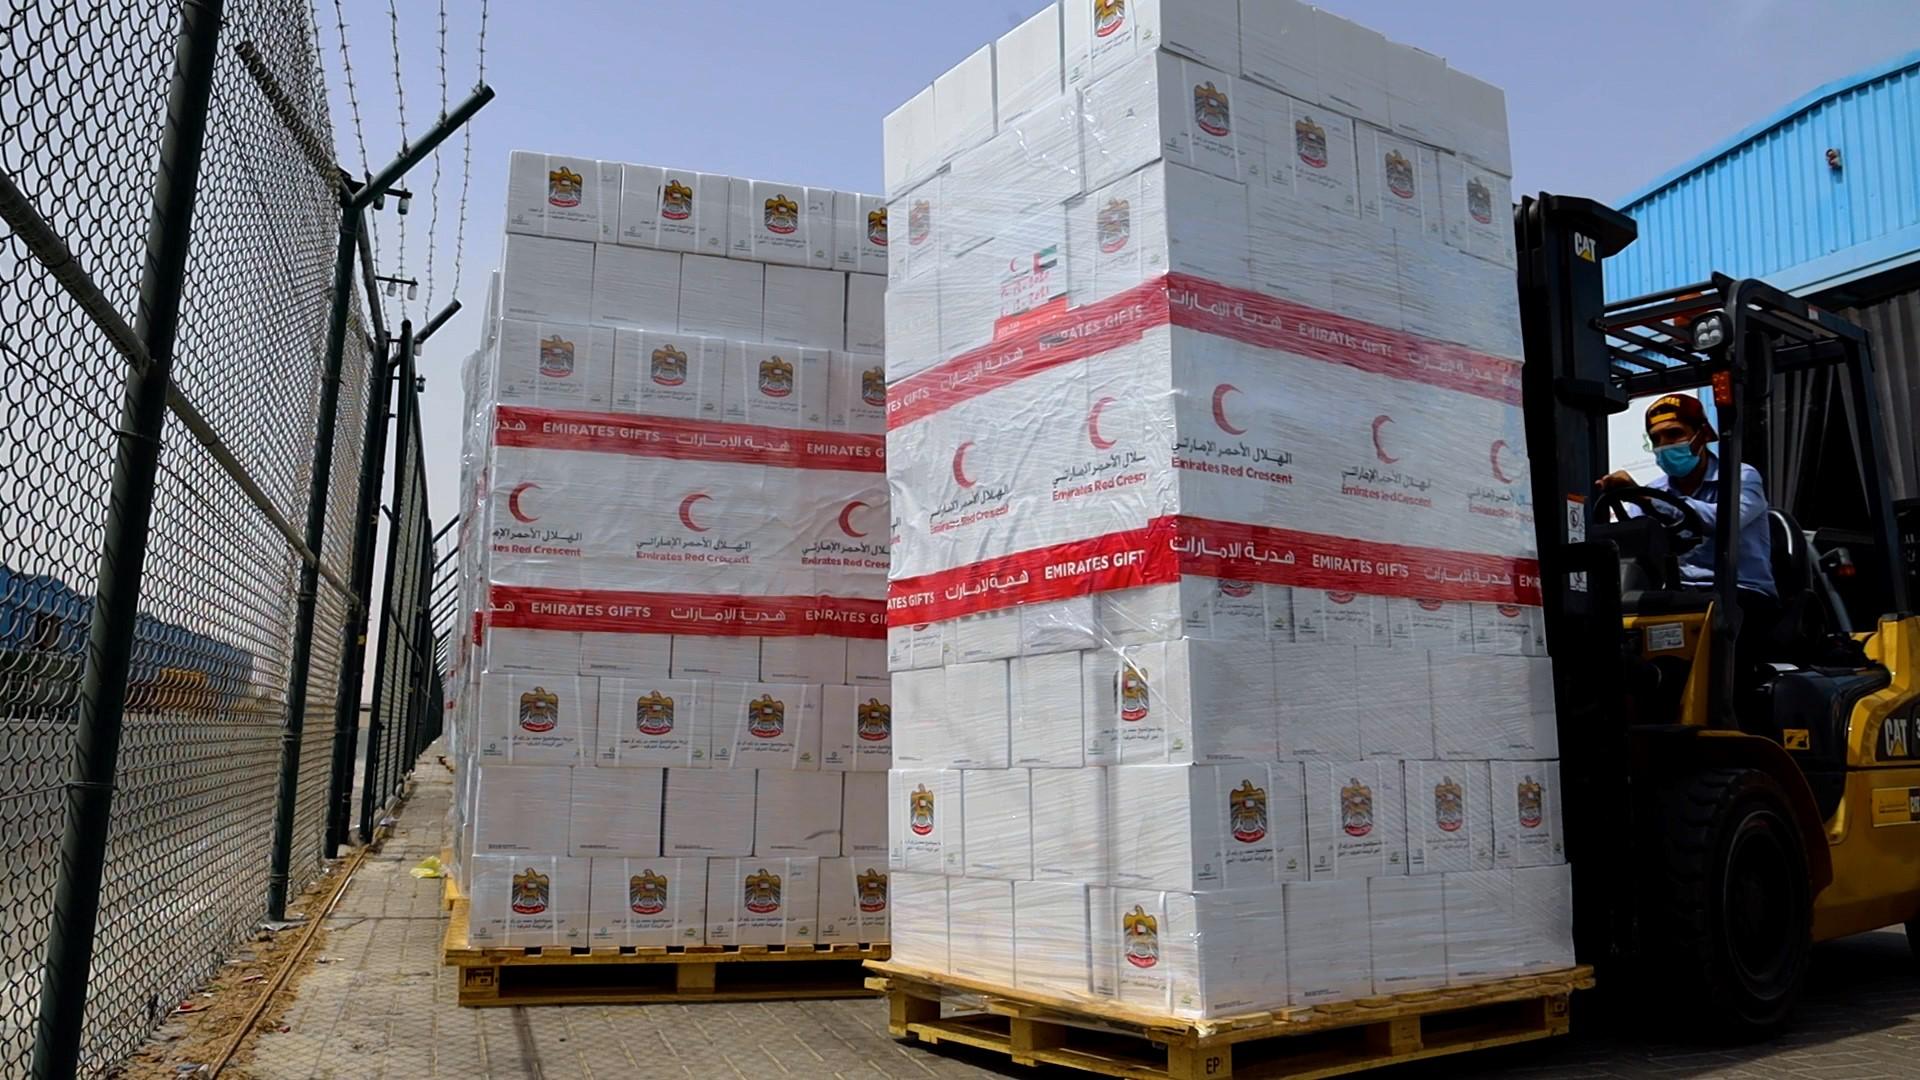 تنفيذا لتوجيهات محمد بن زايد .. الهلال الأحمر الإماراتي يدشن مشروع توزيع التمور الرمضاني بــ 200 طن في عدد من الدول